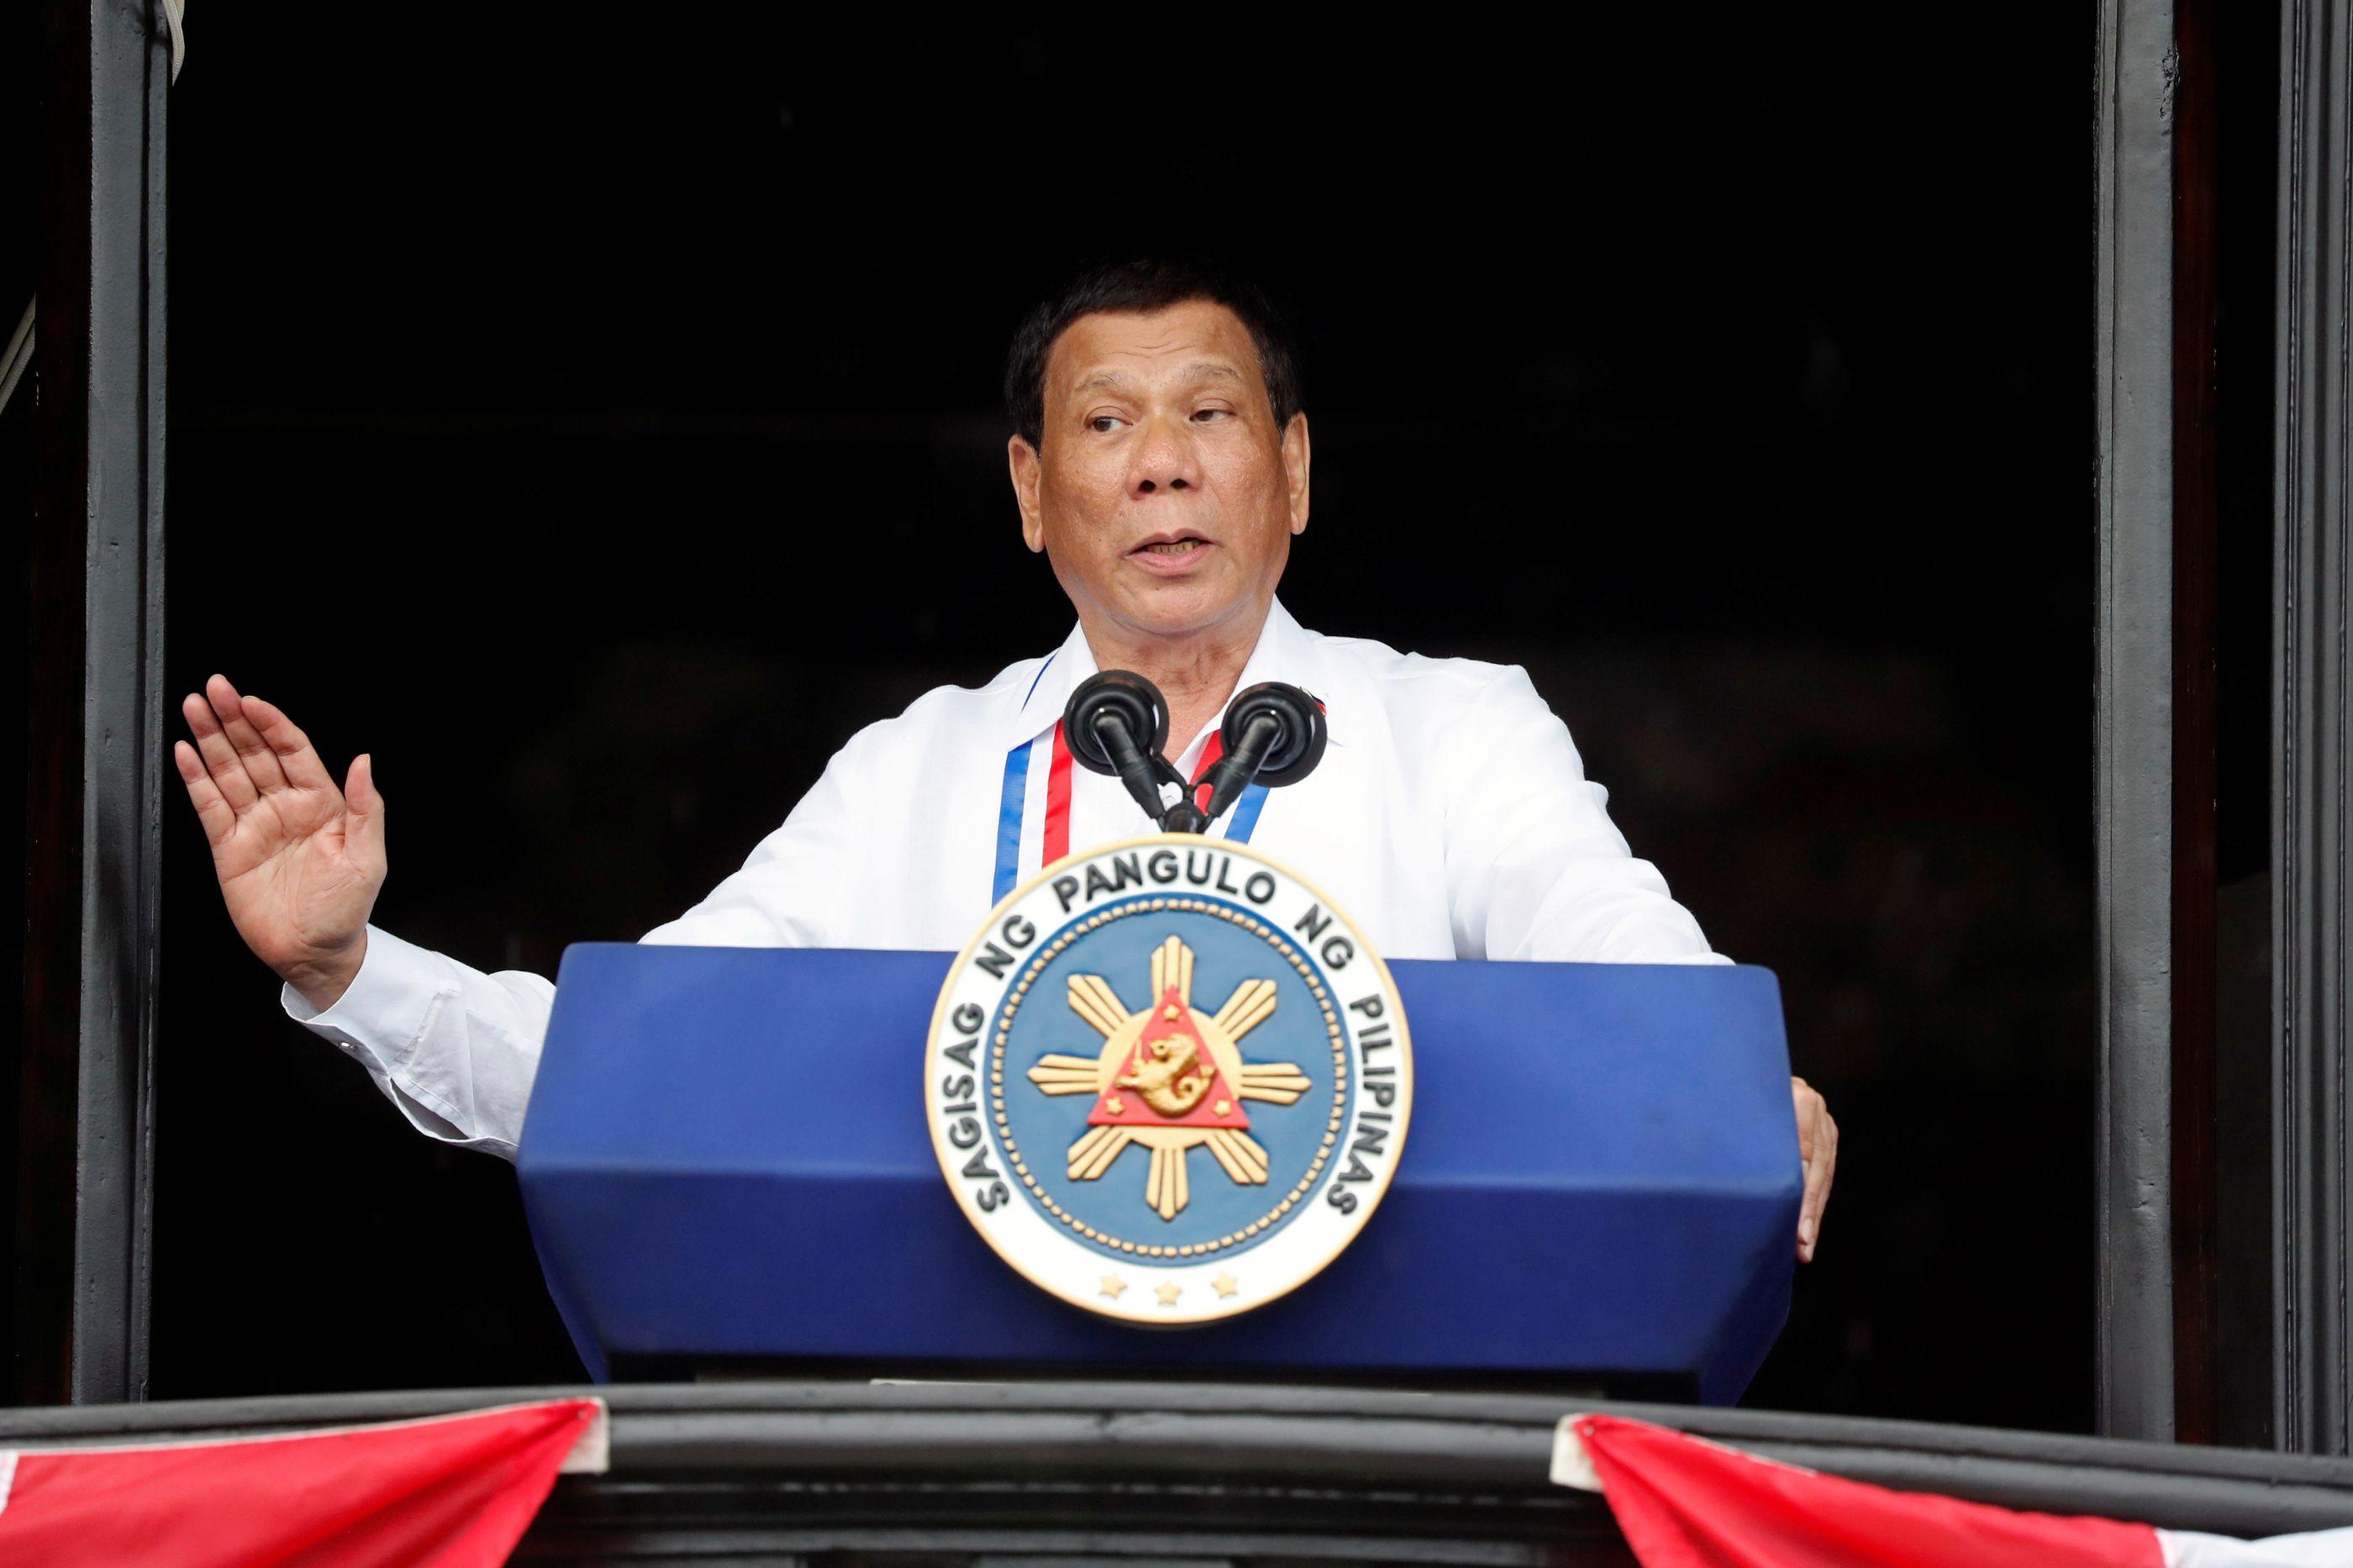 Duterte admitiu ter abusado sexualmente de mulher quando era adolescente